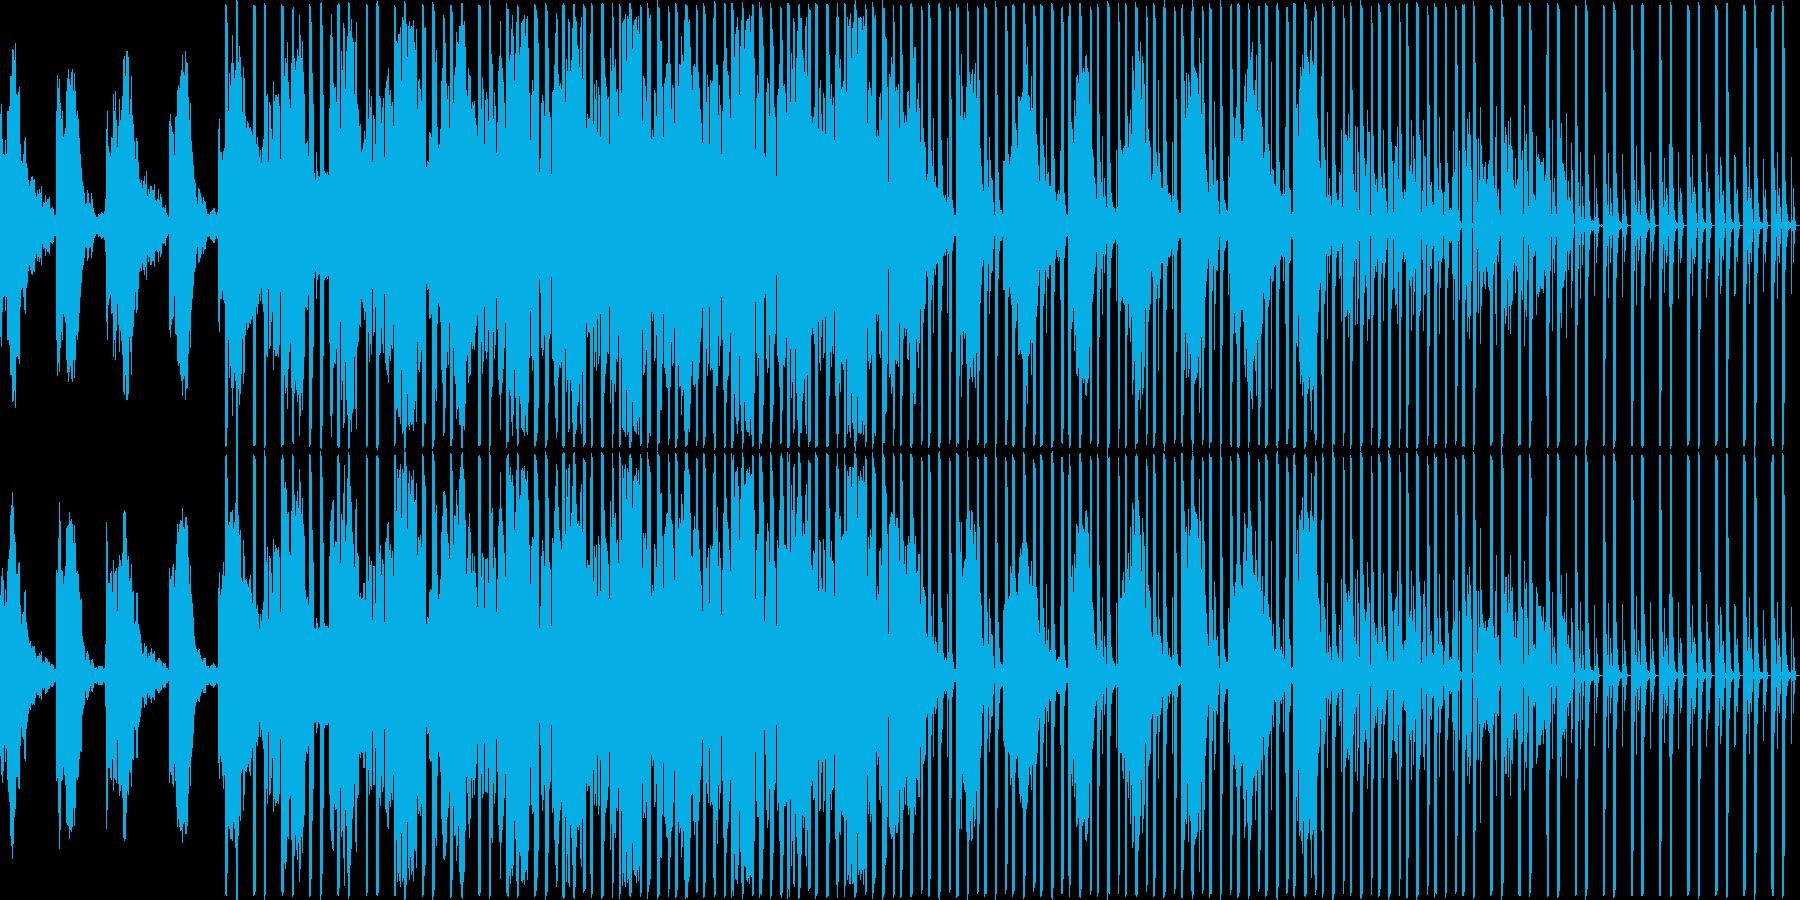 暗めな曲ですの再生済みの波形